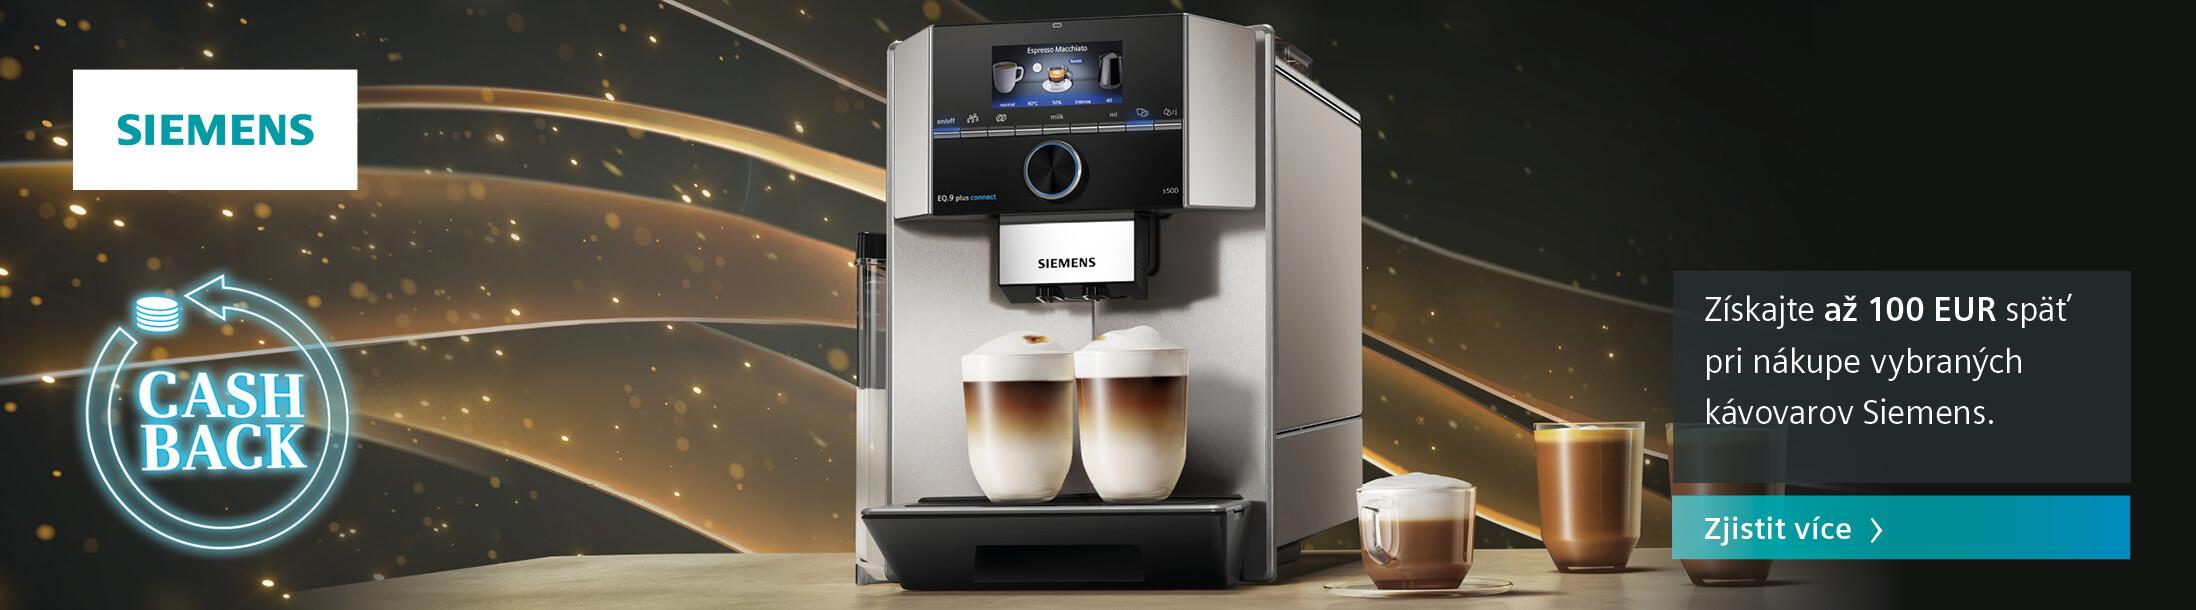 Cashback kávovary Siemens